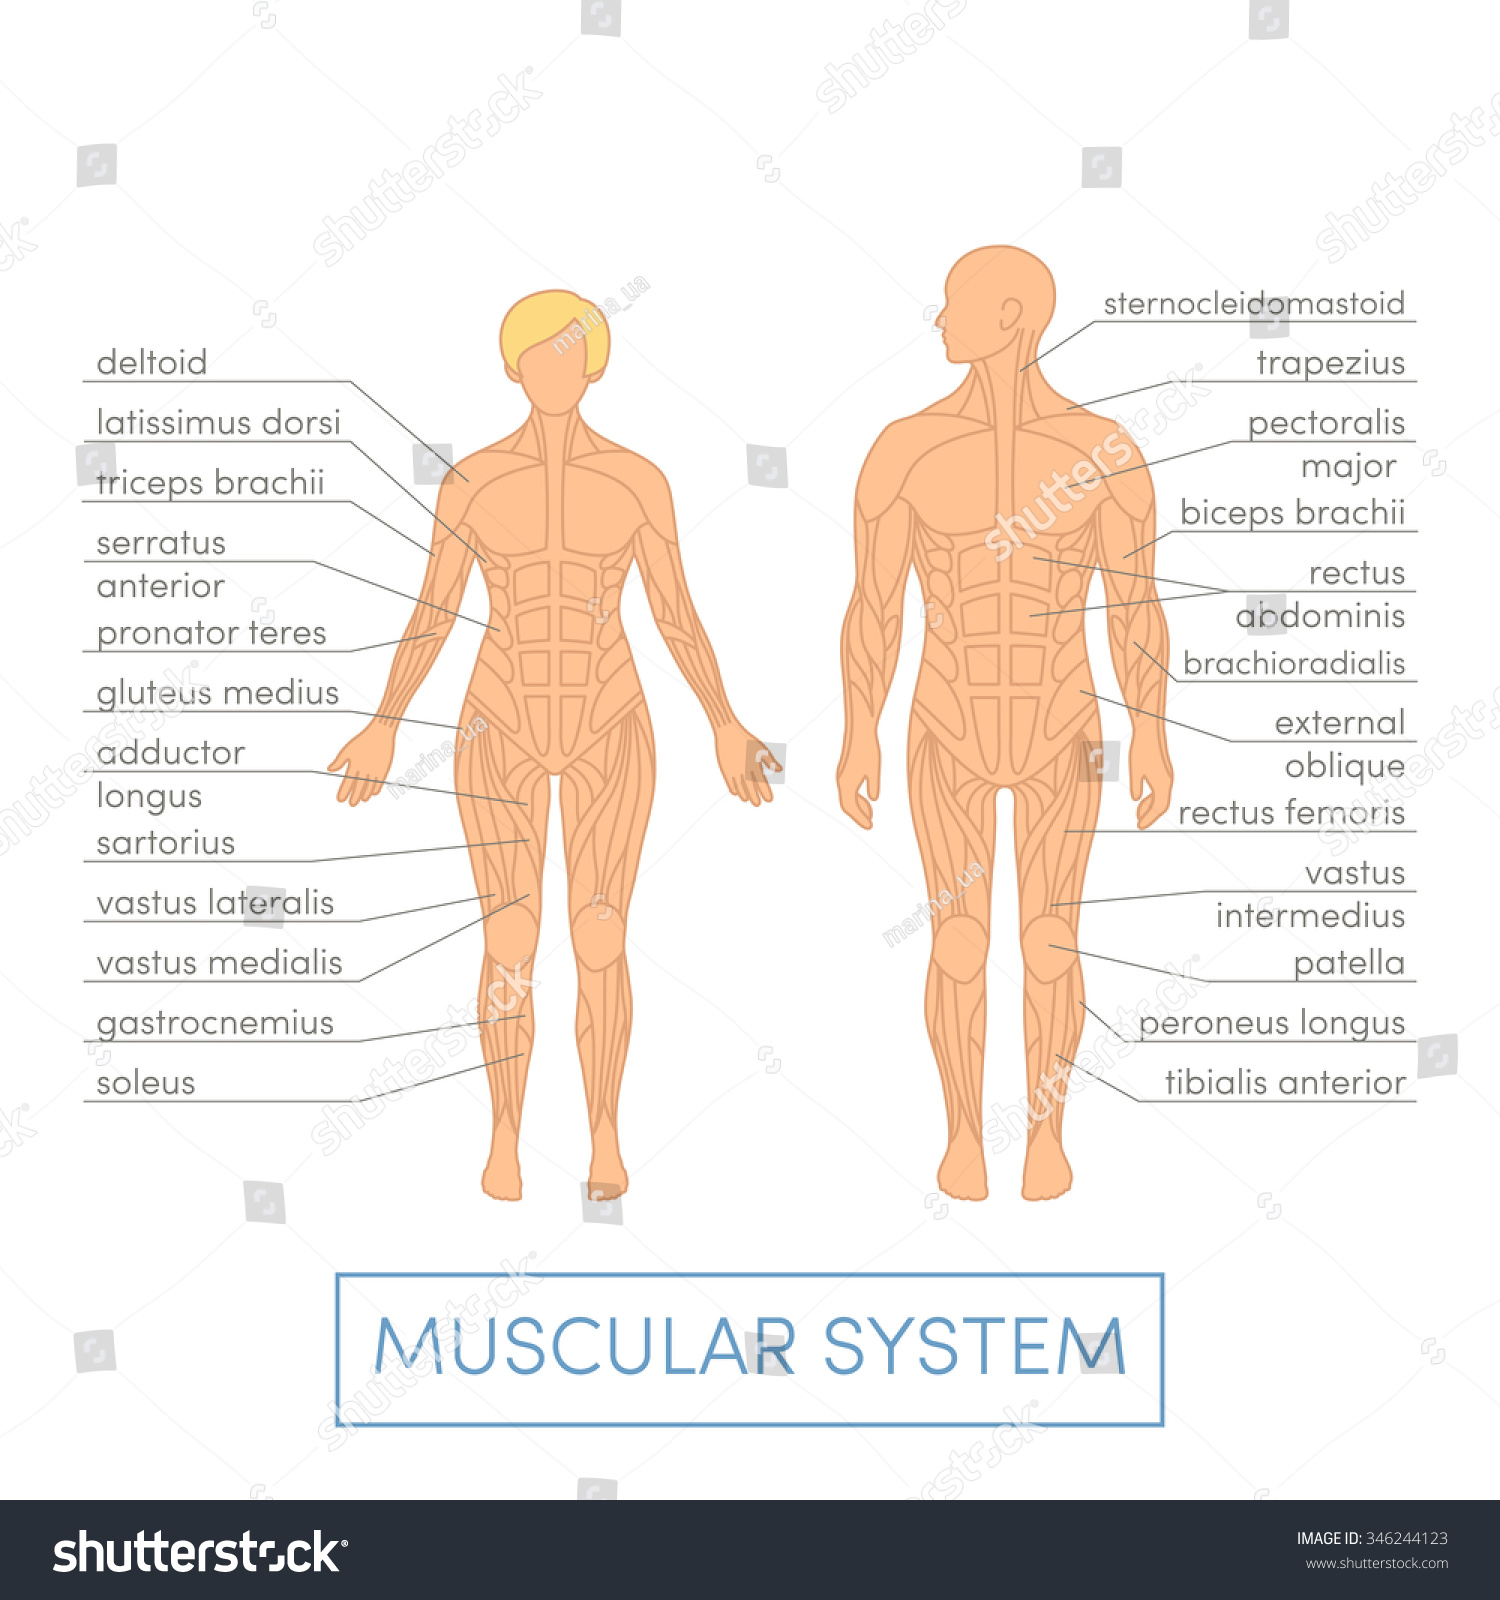 Muscular System Human Cartoon Vector Illustration Stock Vector ...